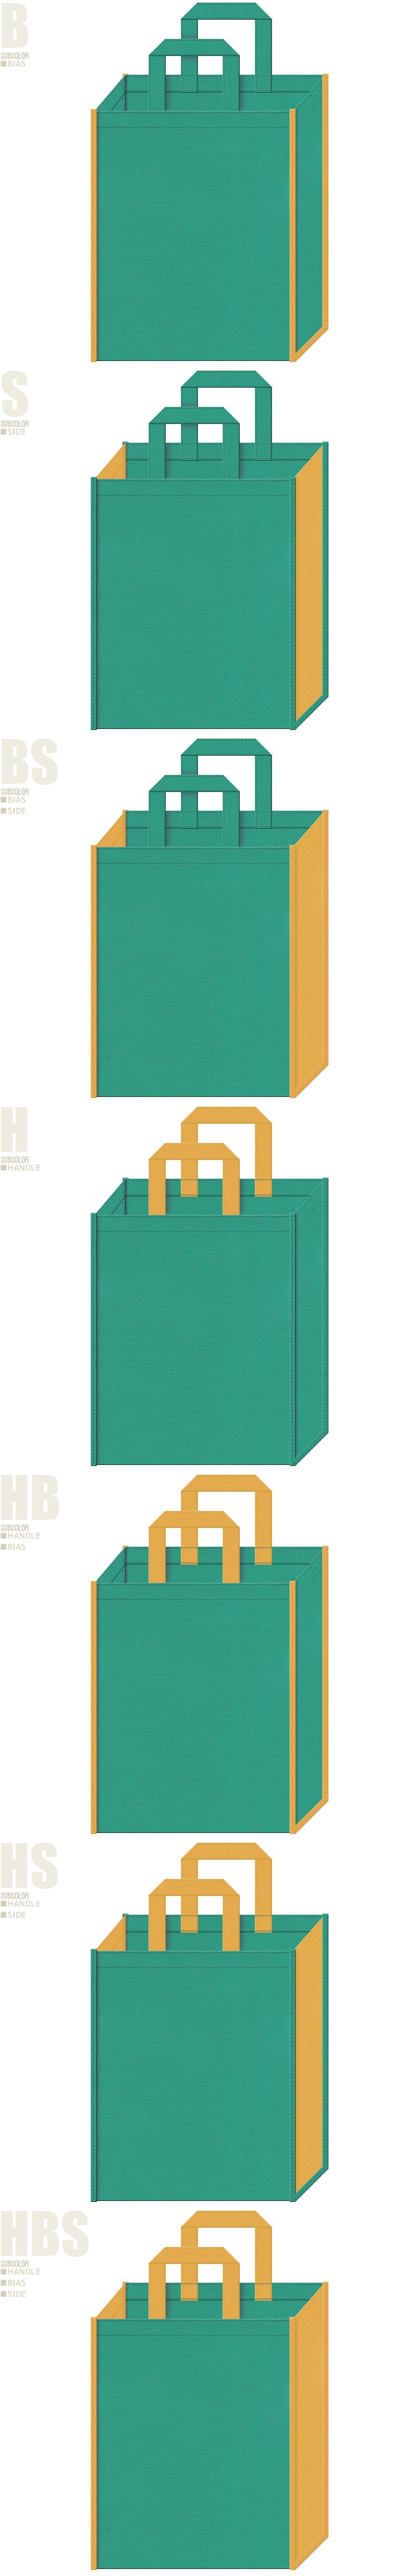 テーマパーク・絵本・おとぎ話のイメージにお奨めの不織布バッグデザイン:青緑色と黄土色の不織布バッグ配色7パターン。